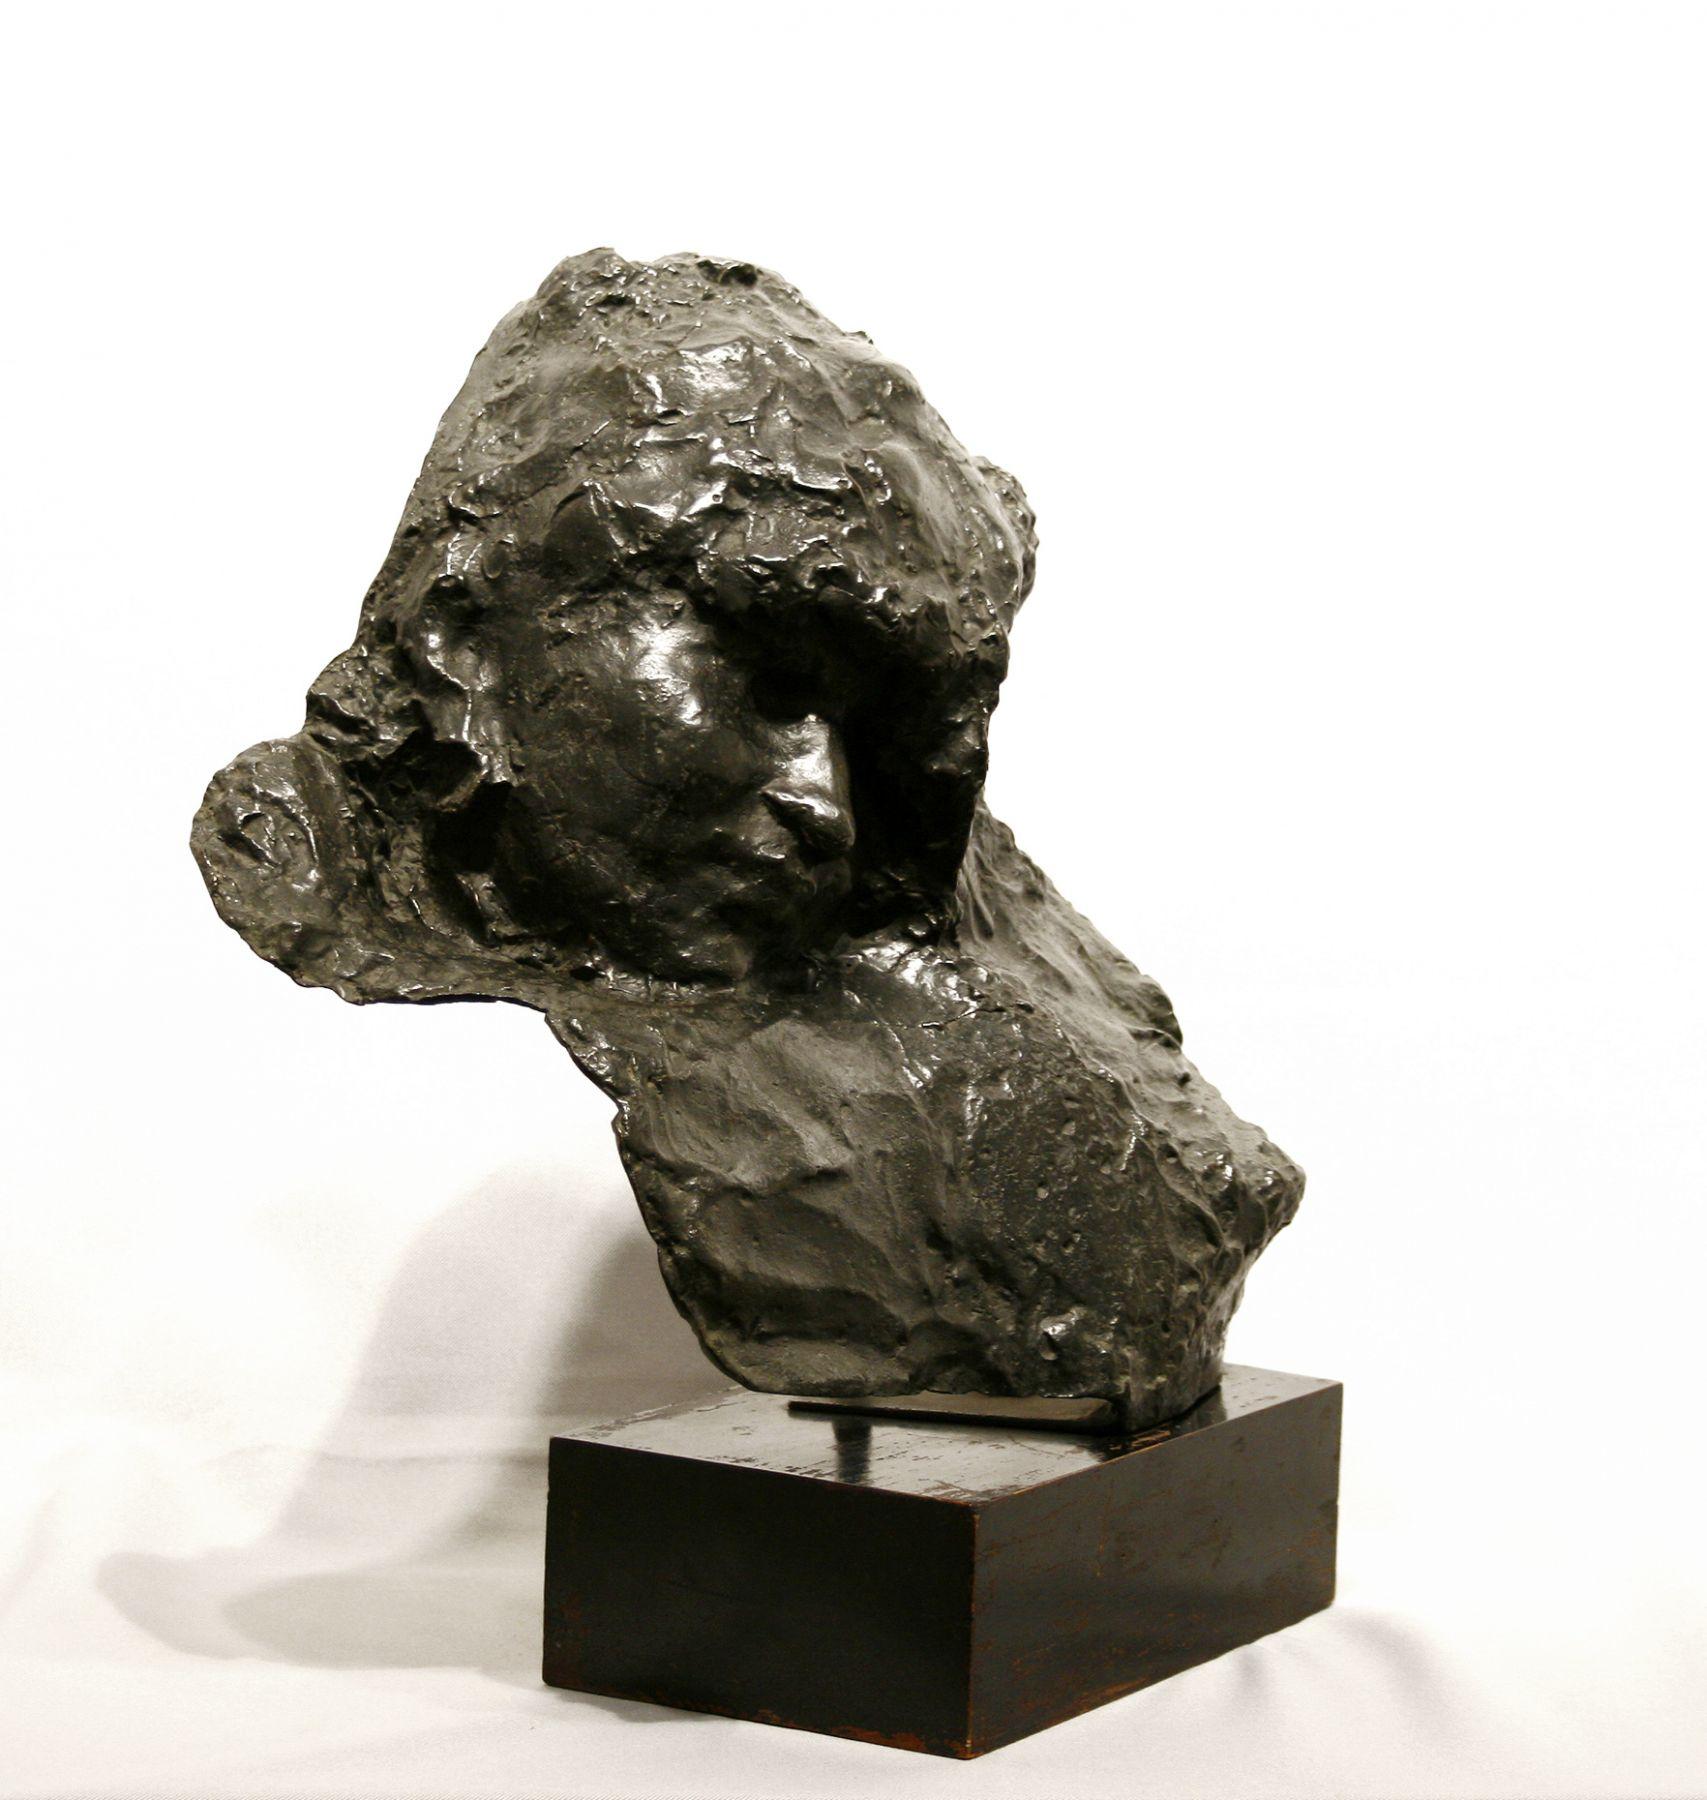 Medardo Rosso, Carne Altrui, c. 1883, bronze, 13 1/2 x 14 x 10 inches